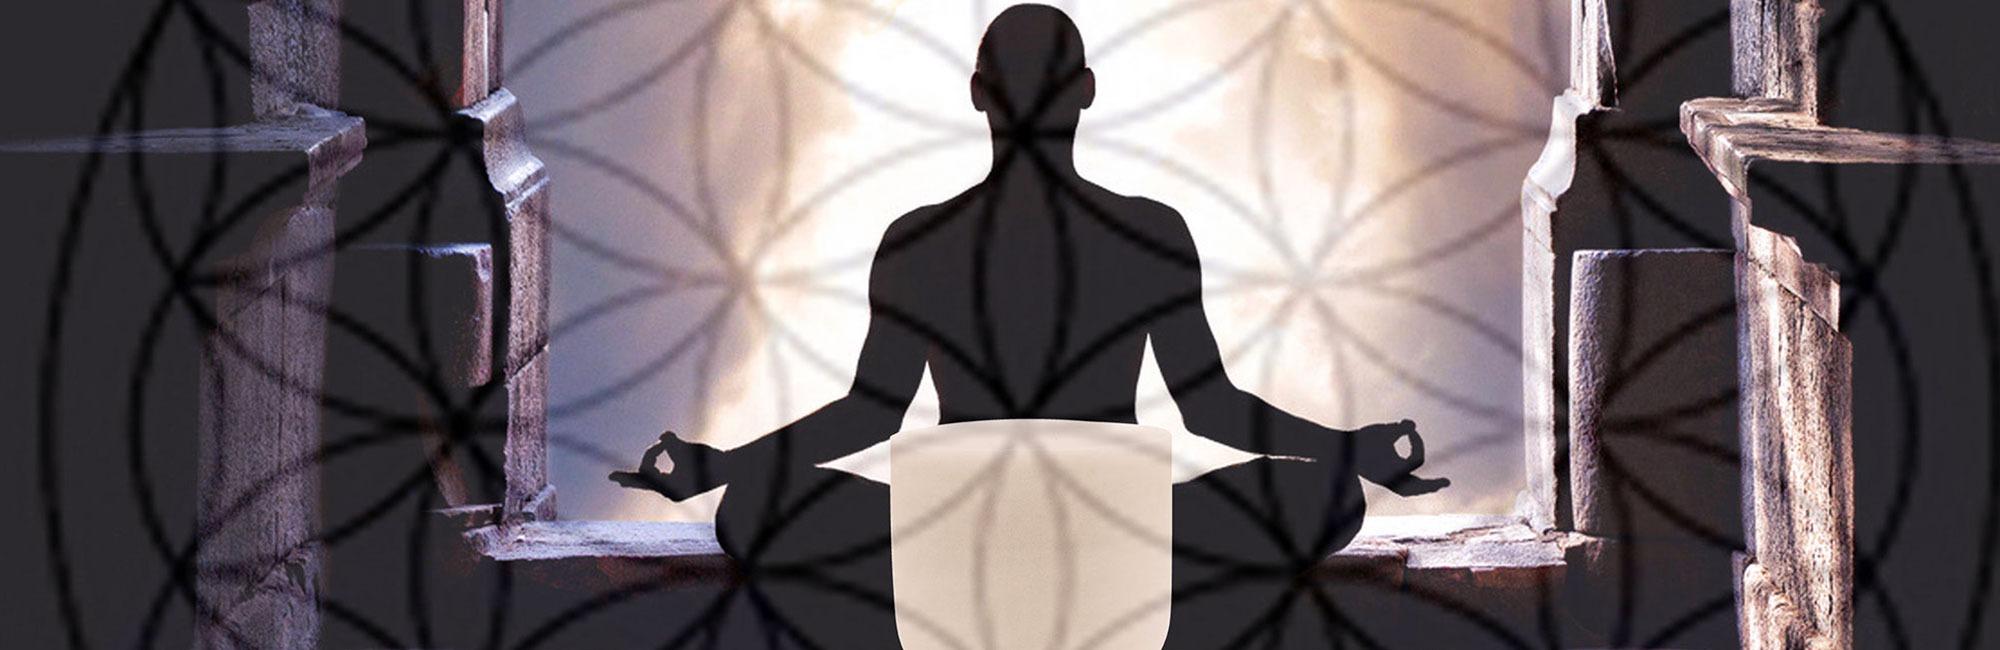 mantras et bol de cristal. La vibration du son et sa résonance : Découvrez comment mediter avec son bol chantant en cristal et des mantras. Cristal Vibrasons